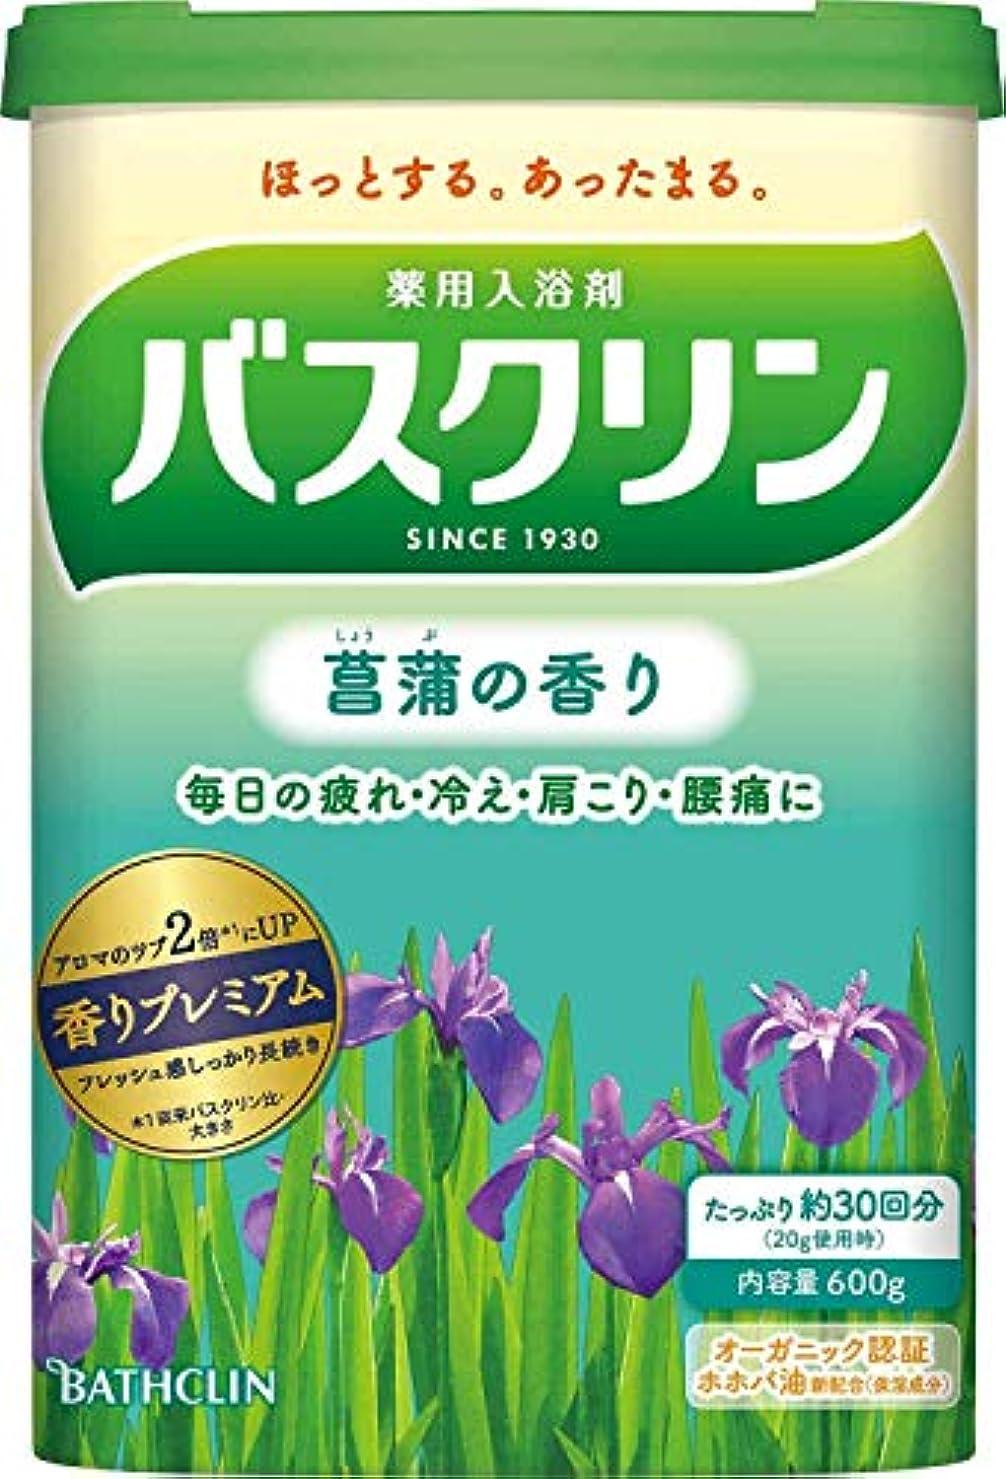 【医薬部外品】バスクリン菖蒲の香り600g入浴剤(約30回分)